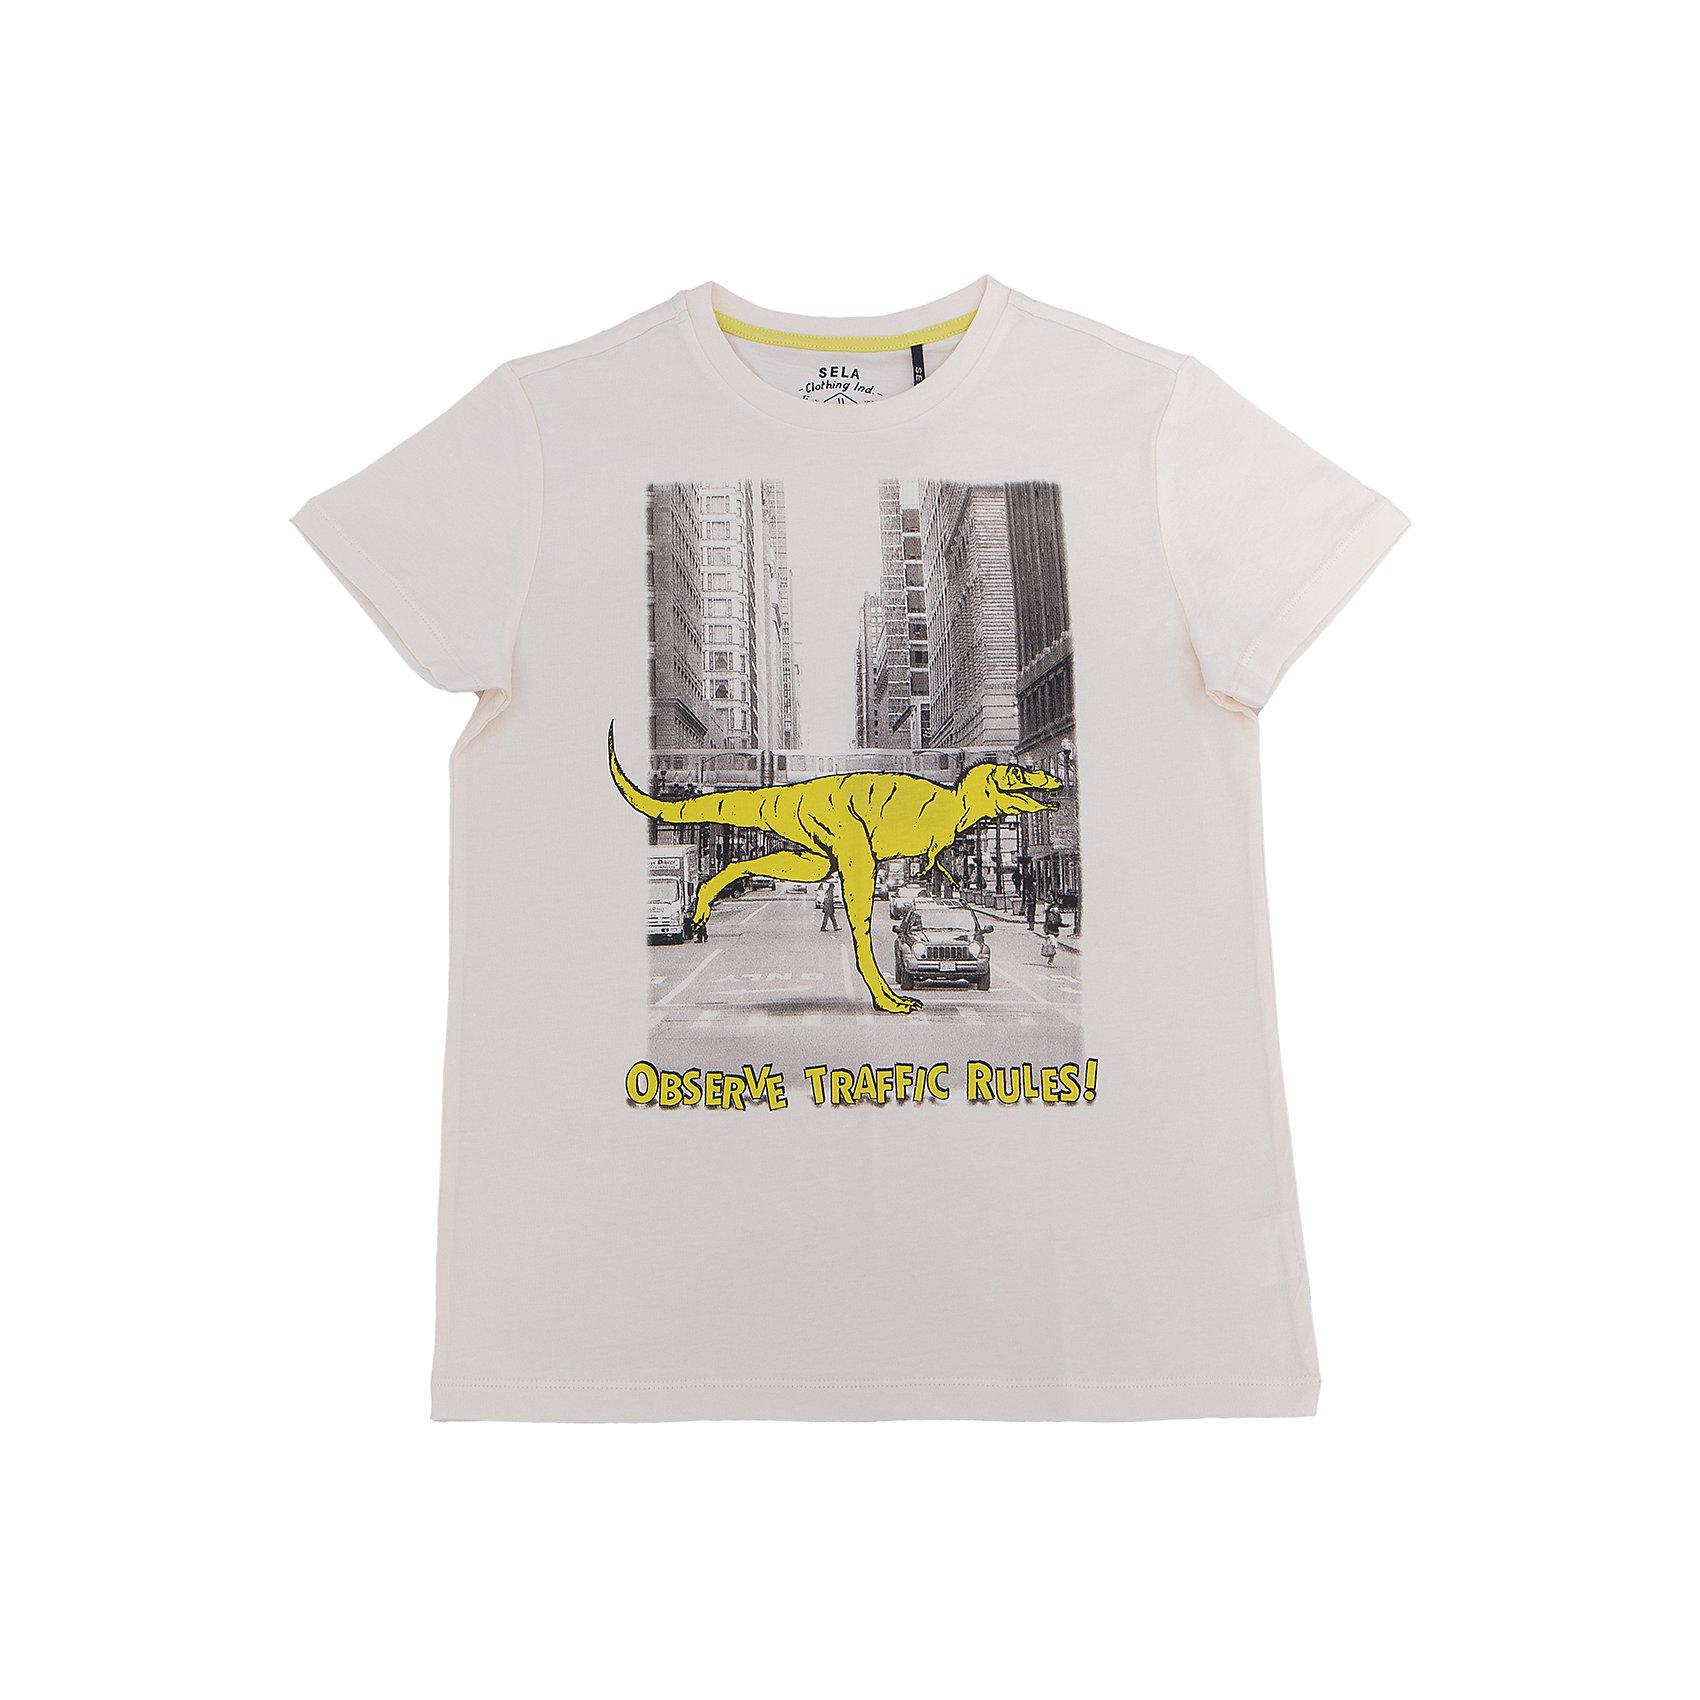 Футболка для мальчика SELAФутболки, поло и топы<br>Характеристики товара:<br><br>• цвет: серый<br>• состав: 100% хлопок<br>• принт<br>• короткие рукава<br>• округлый горловой вырез<br>• страна бренда: Российская Федерация<br><br>В новой коллекции SELA отличные модели одежды! Эта футболка для мальчика поможет разнообразить гардероб ребенка и обеспечить комфорт. Она отлично сочетается с джинсами и брюками. Удобная базовая вещь!<br><br>Футболку для мальчика от популярного бренда SELA (СЕЛА) можно купить в нашем интернет-магазине.<br><br>Ширина мм: 230<br>Глубина мм: 40<br>Высота мм: 220<br>Вес г: 250<br>Цвет: серый<br>Возраст от месяцев: 132<br>Возраст до месяцев: 144<br>Пол: Мужской<br>Возраст: Детский<br>Размер: 152,146,140,134,128,122,116<br>SKU: 5304049